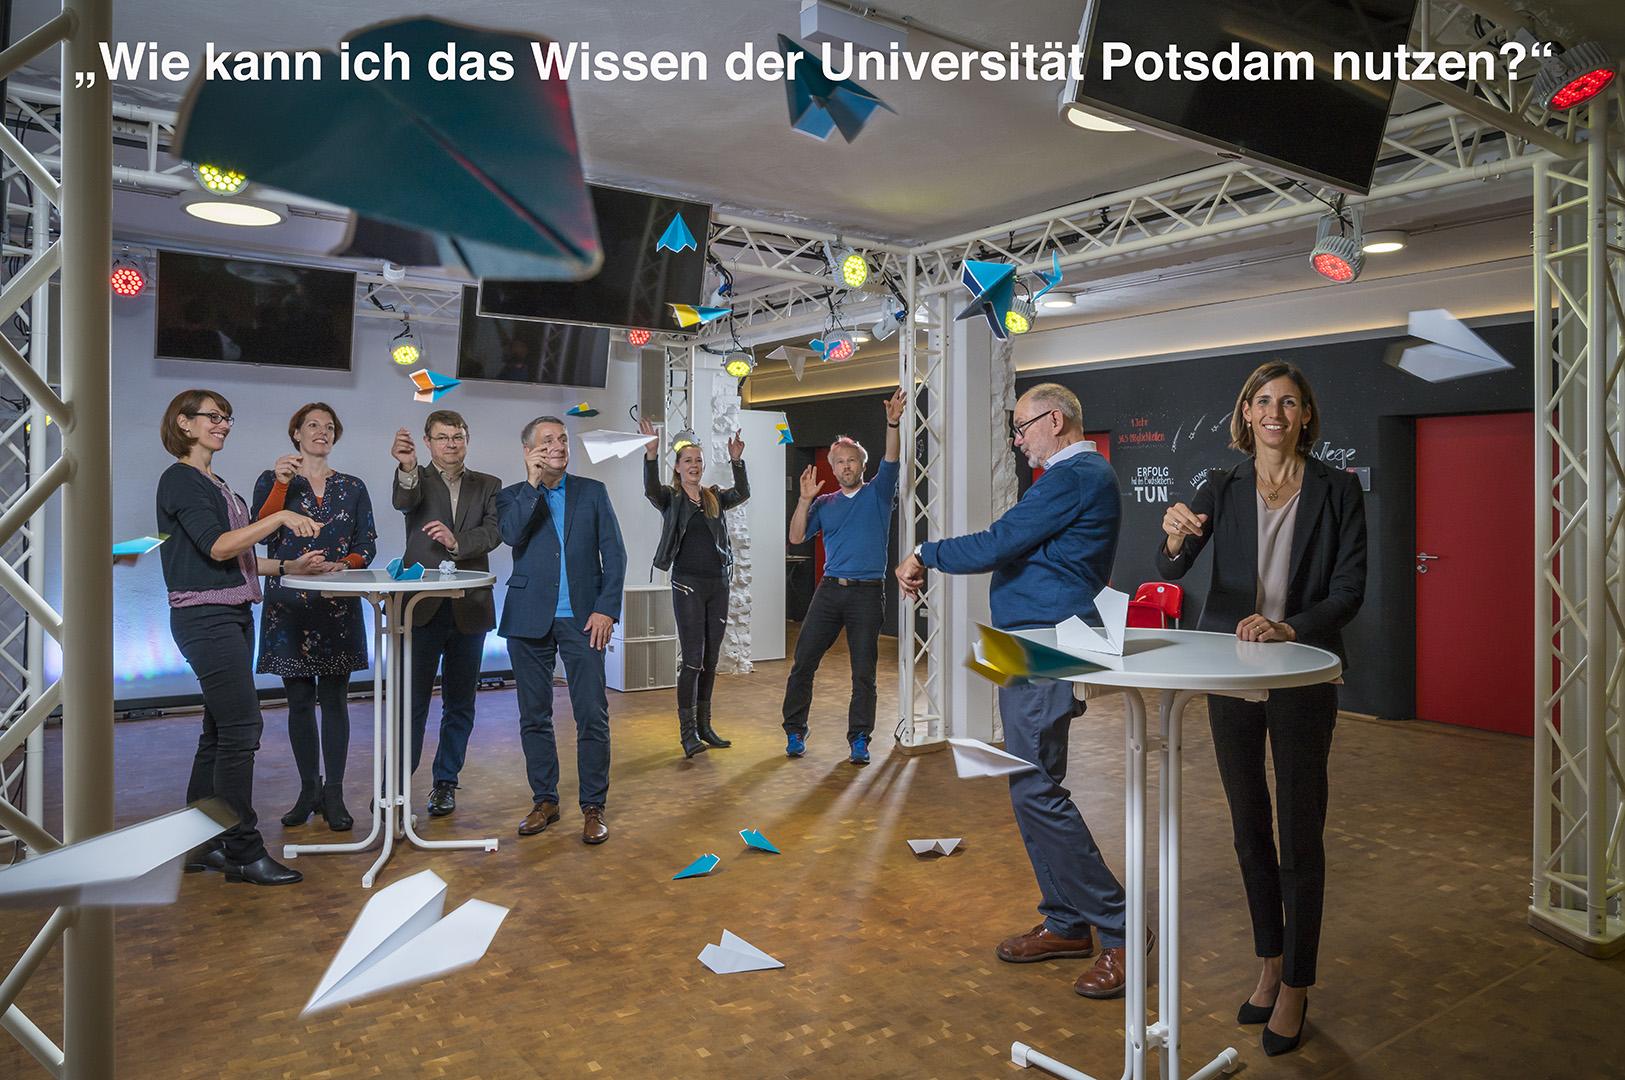 Universität Potsdam (UP), Innovative Hochschule